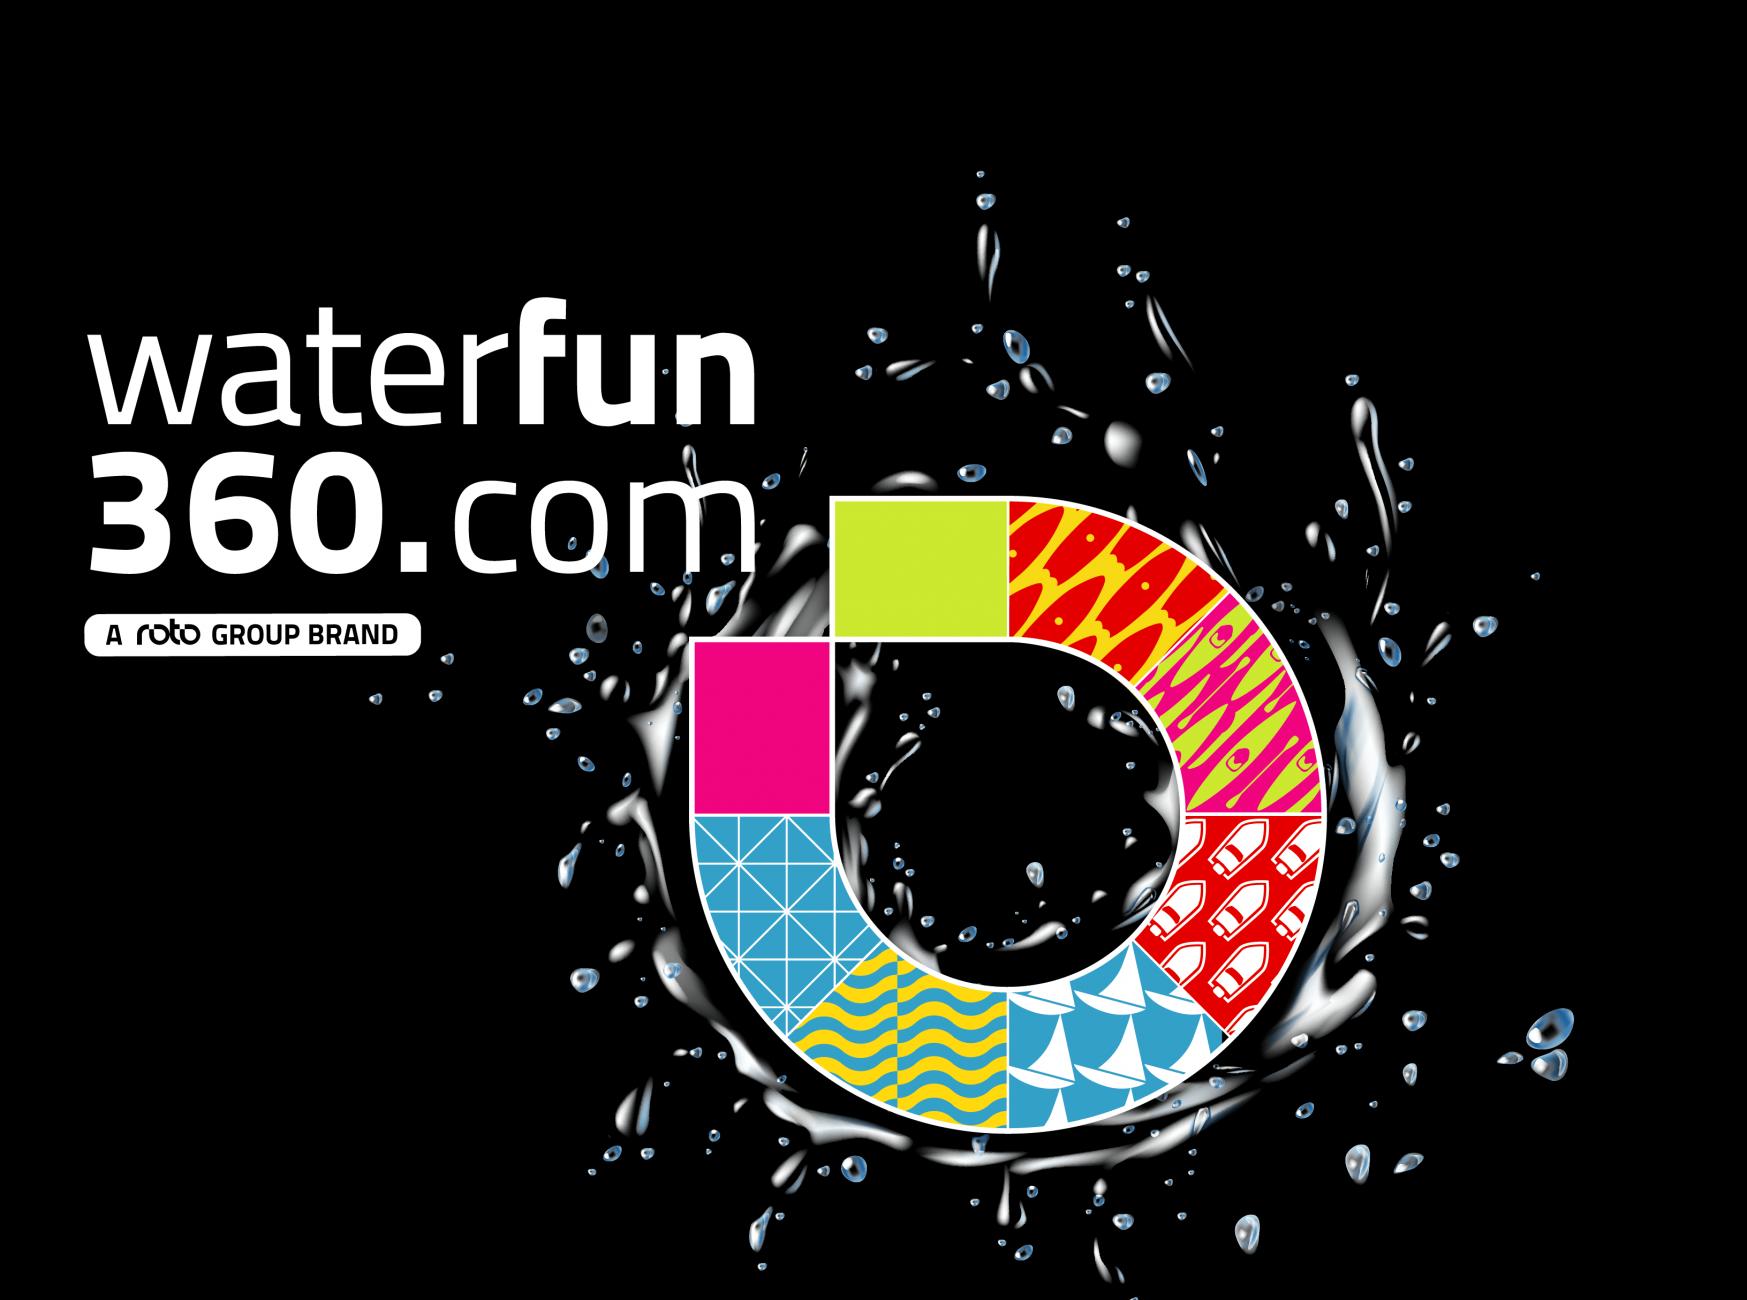 https://www.imago.si/wp-content/uploads/2021/09/WF360-logo-barvne-podlage-16-1747x1300.png